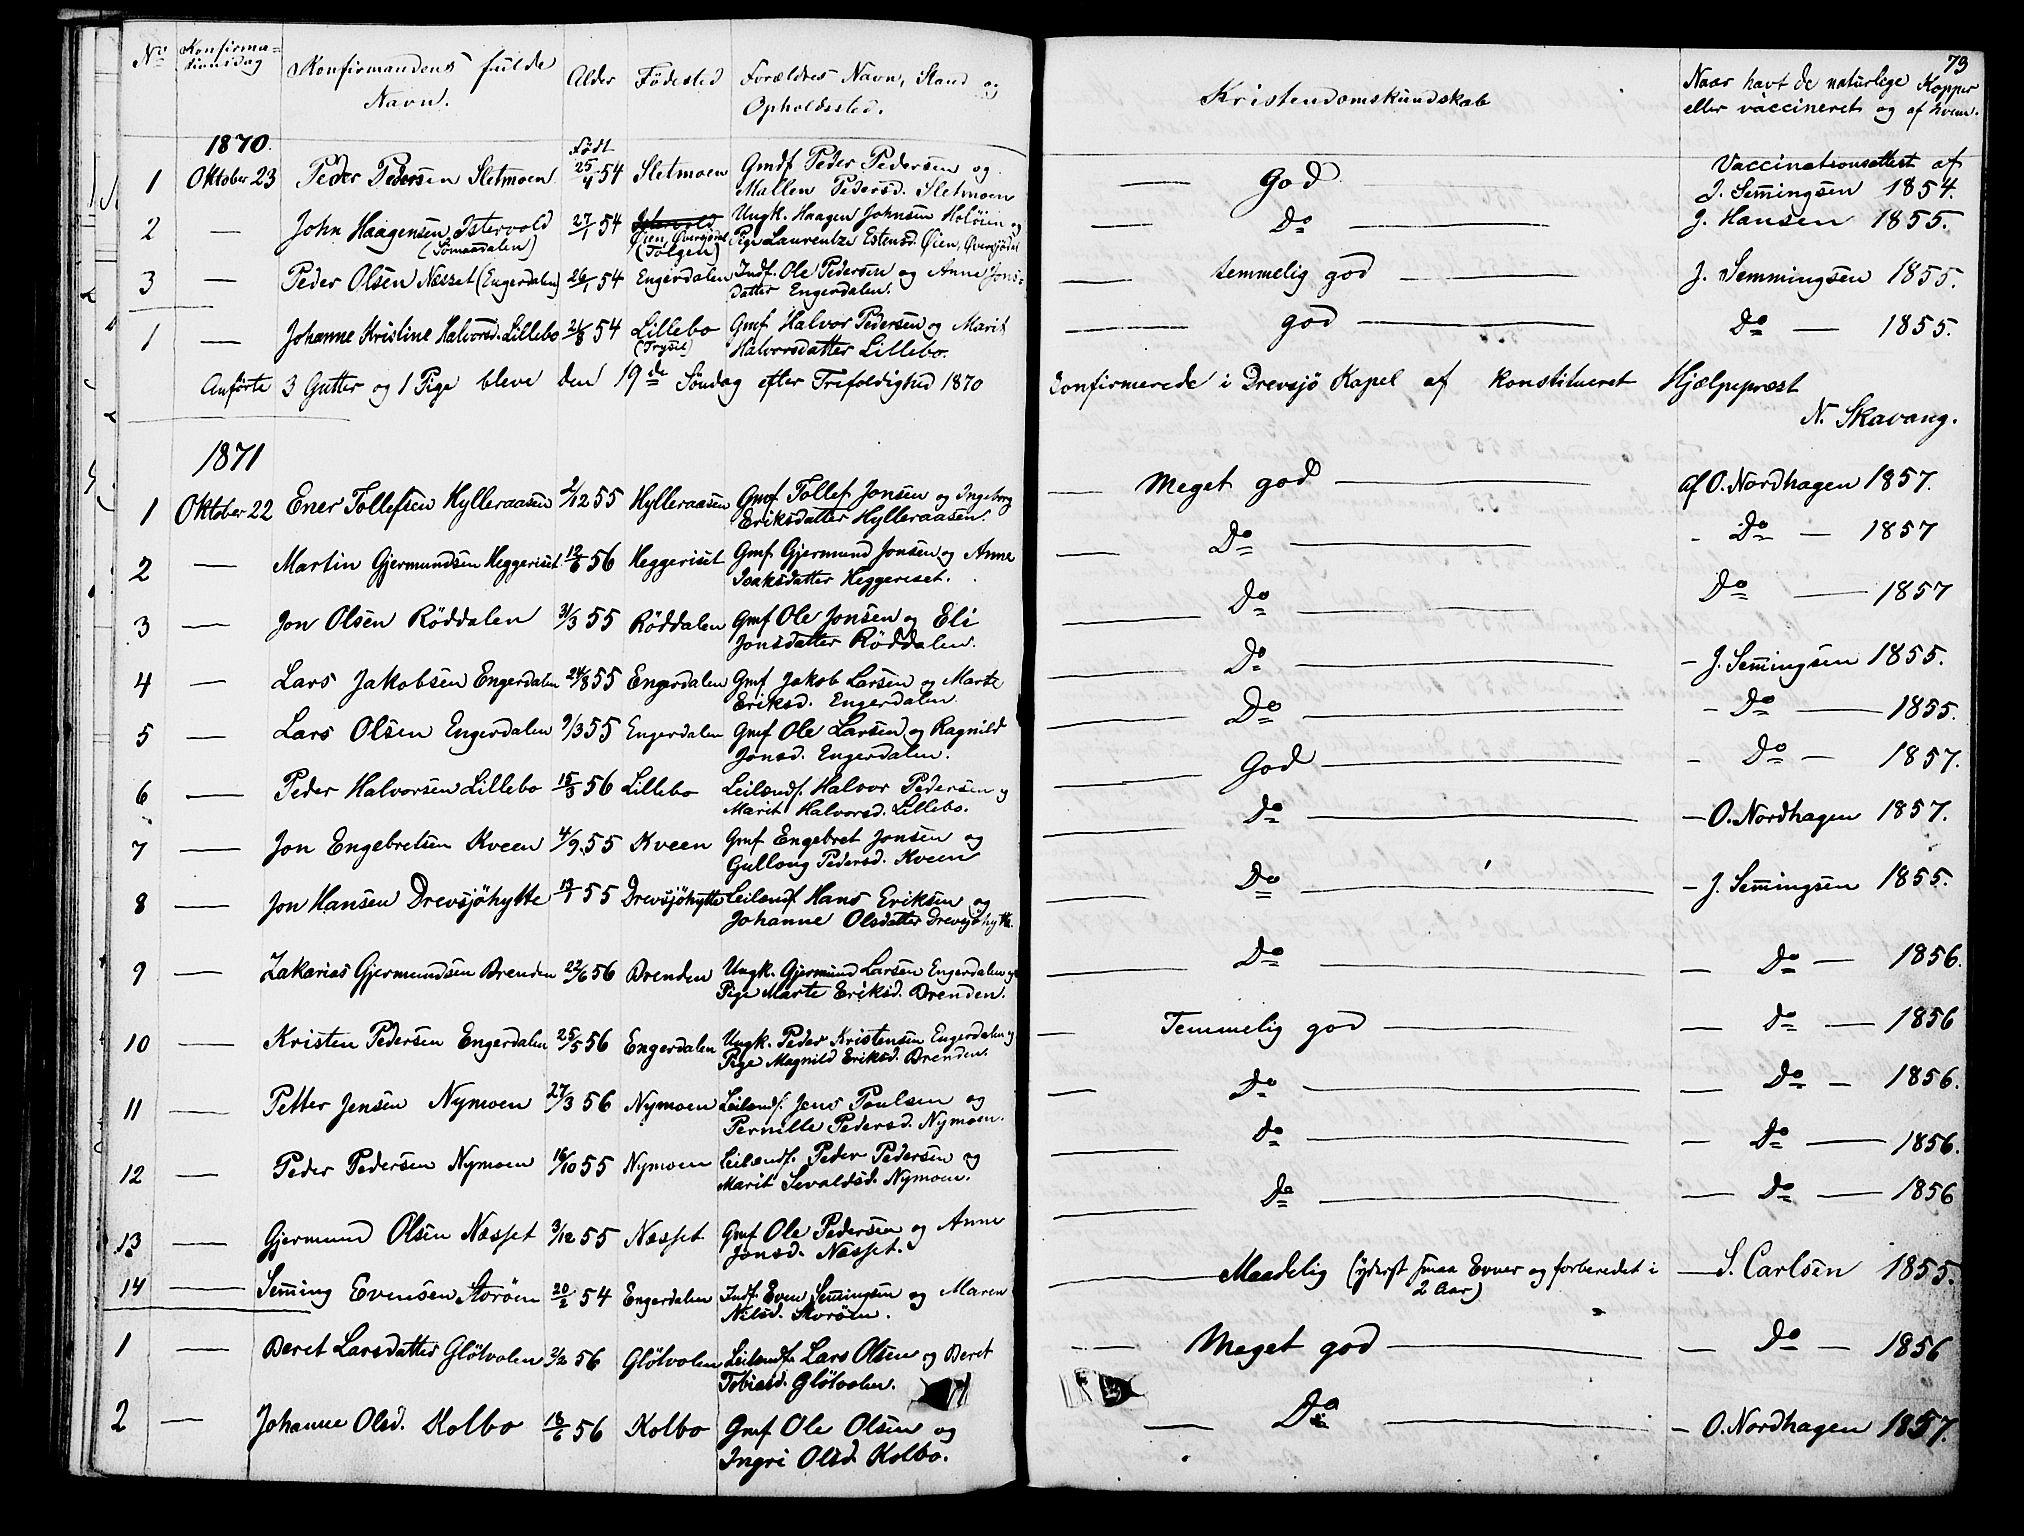 SAH, Rendalen prestekontor, H/Ha/Hab/L0002: Klokkerbok nr. 2, 1858-1880, s. 73